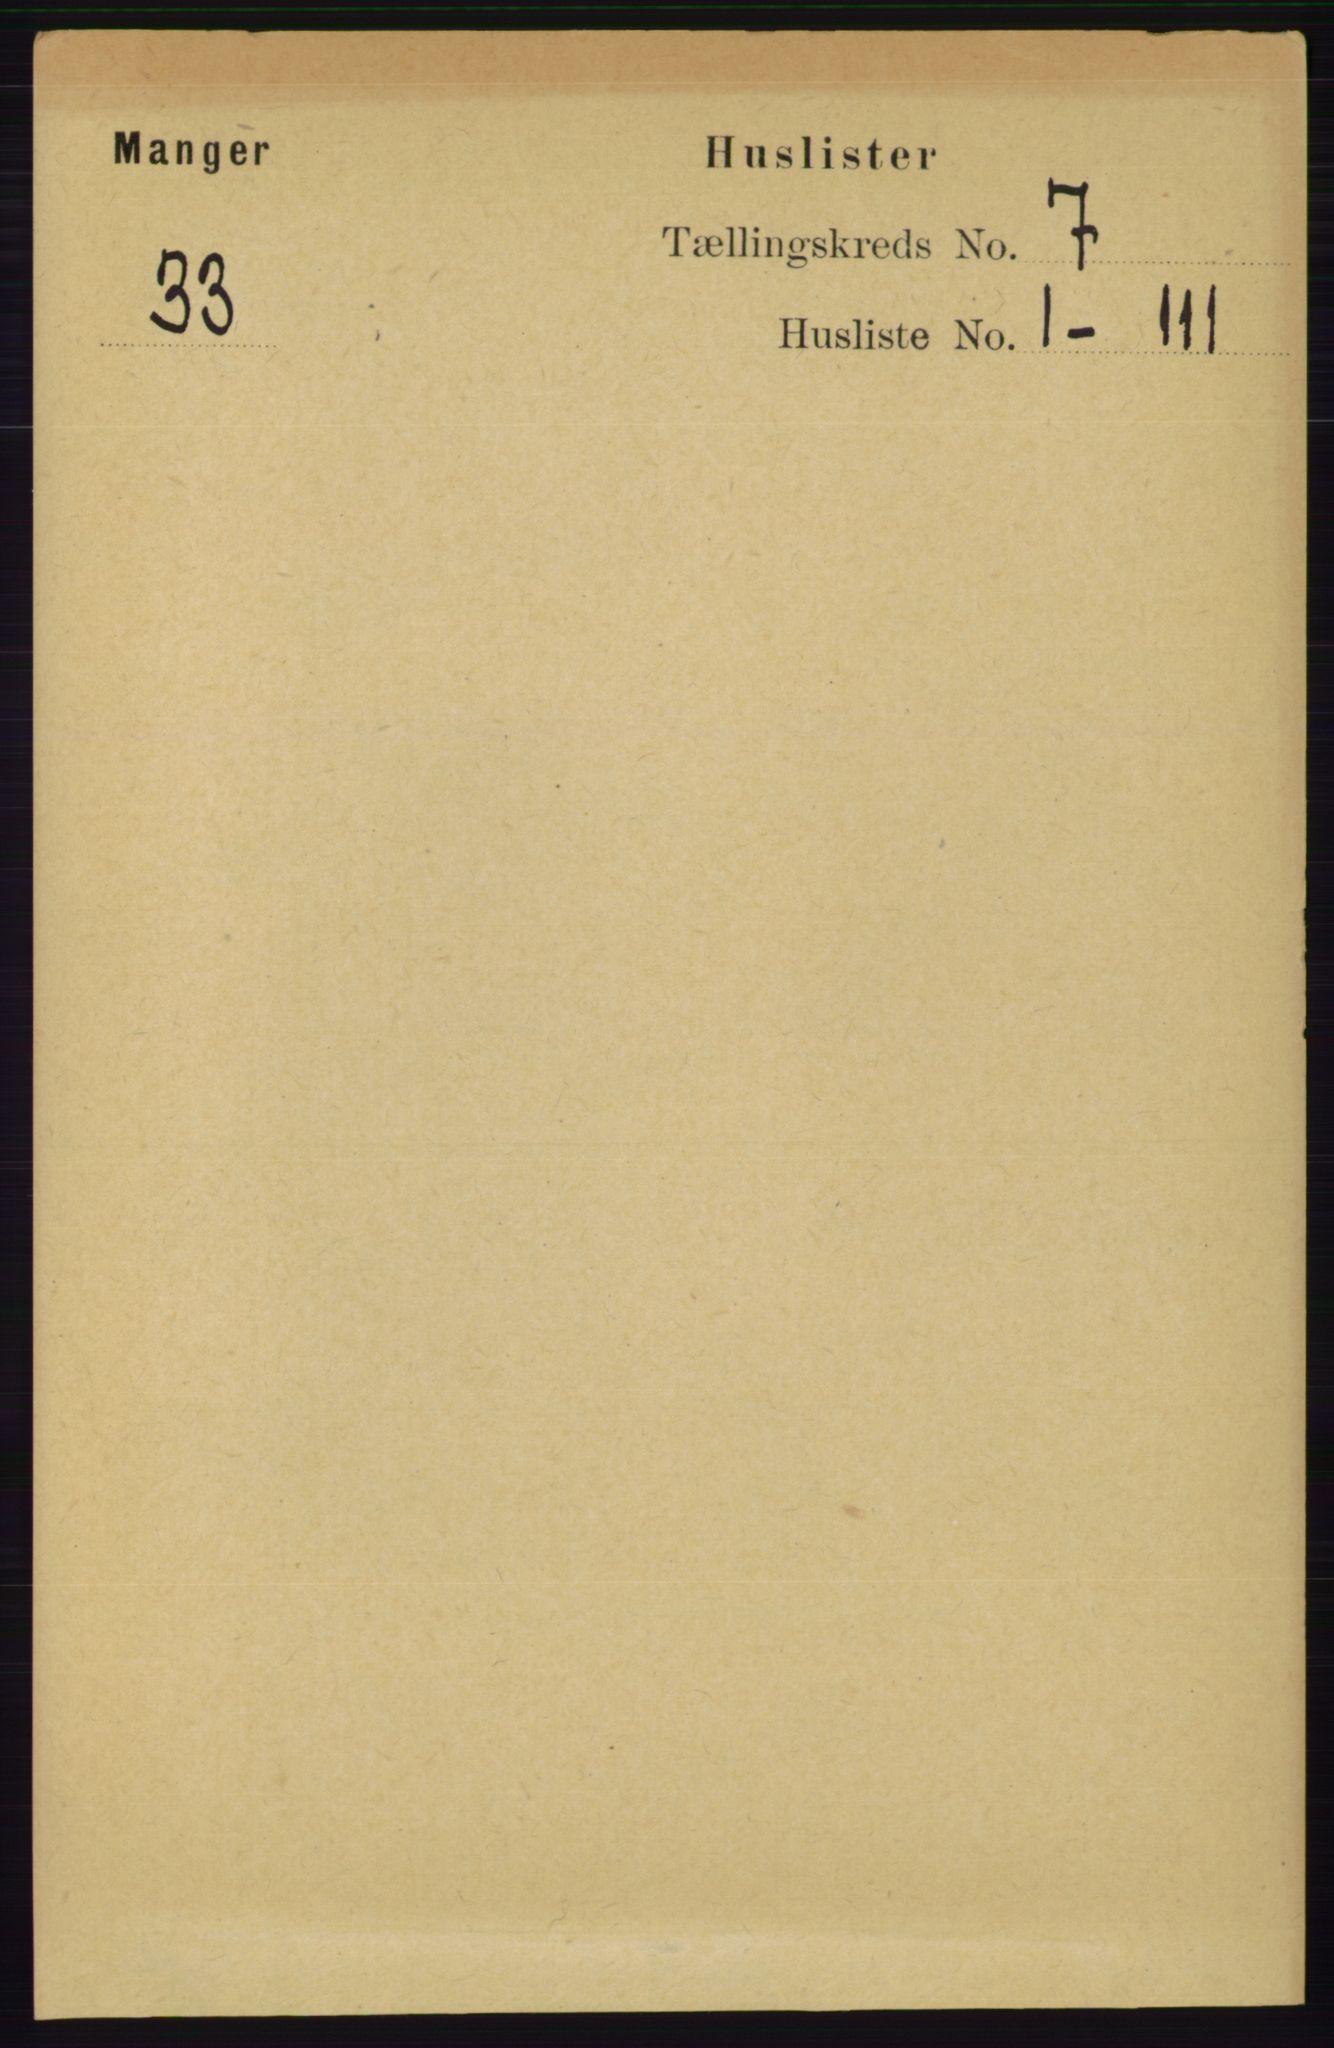 RA, Folketelling 1891 for 1261 Manger herred, 1891, s. 4246